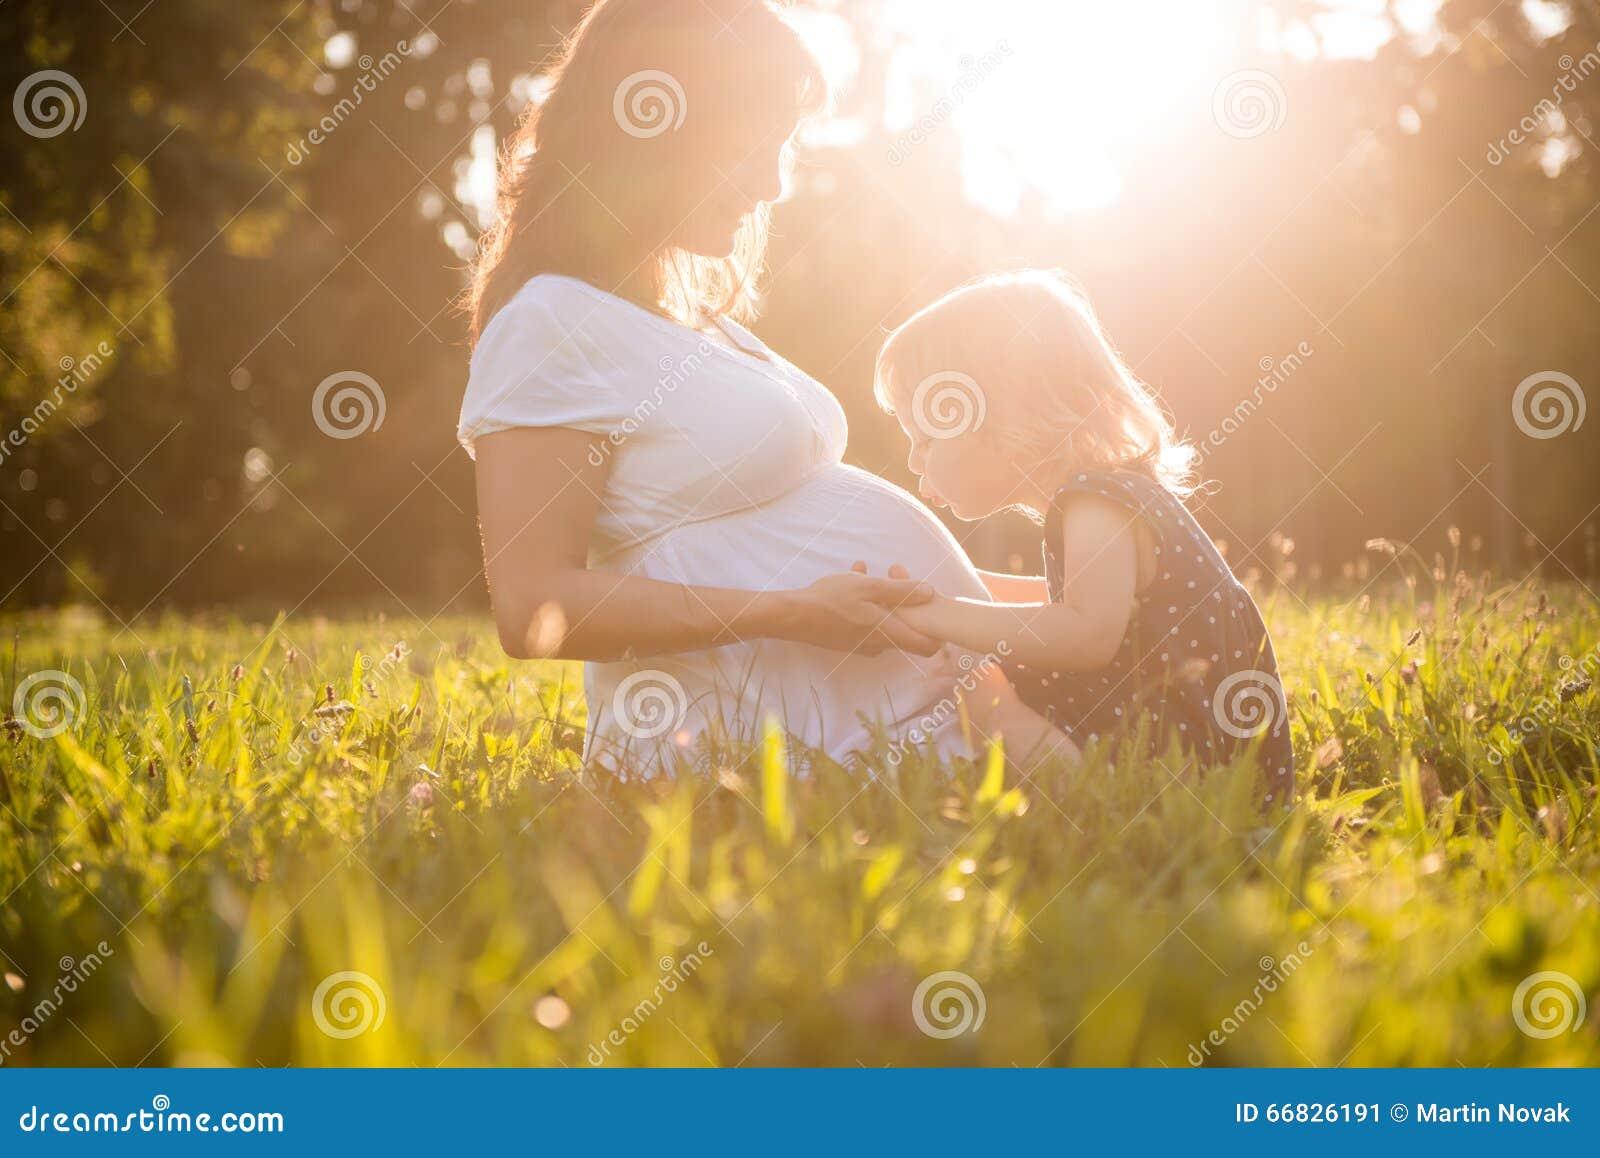 孕妇照片肚子图_亲吻腹部og怀孕的母亲的孩子 库存照片 - 图片